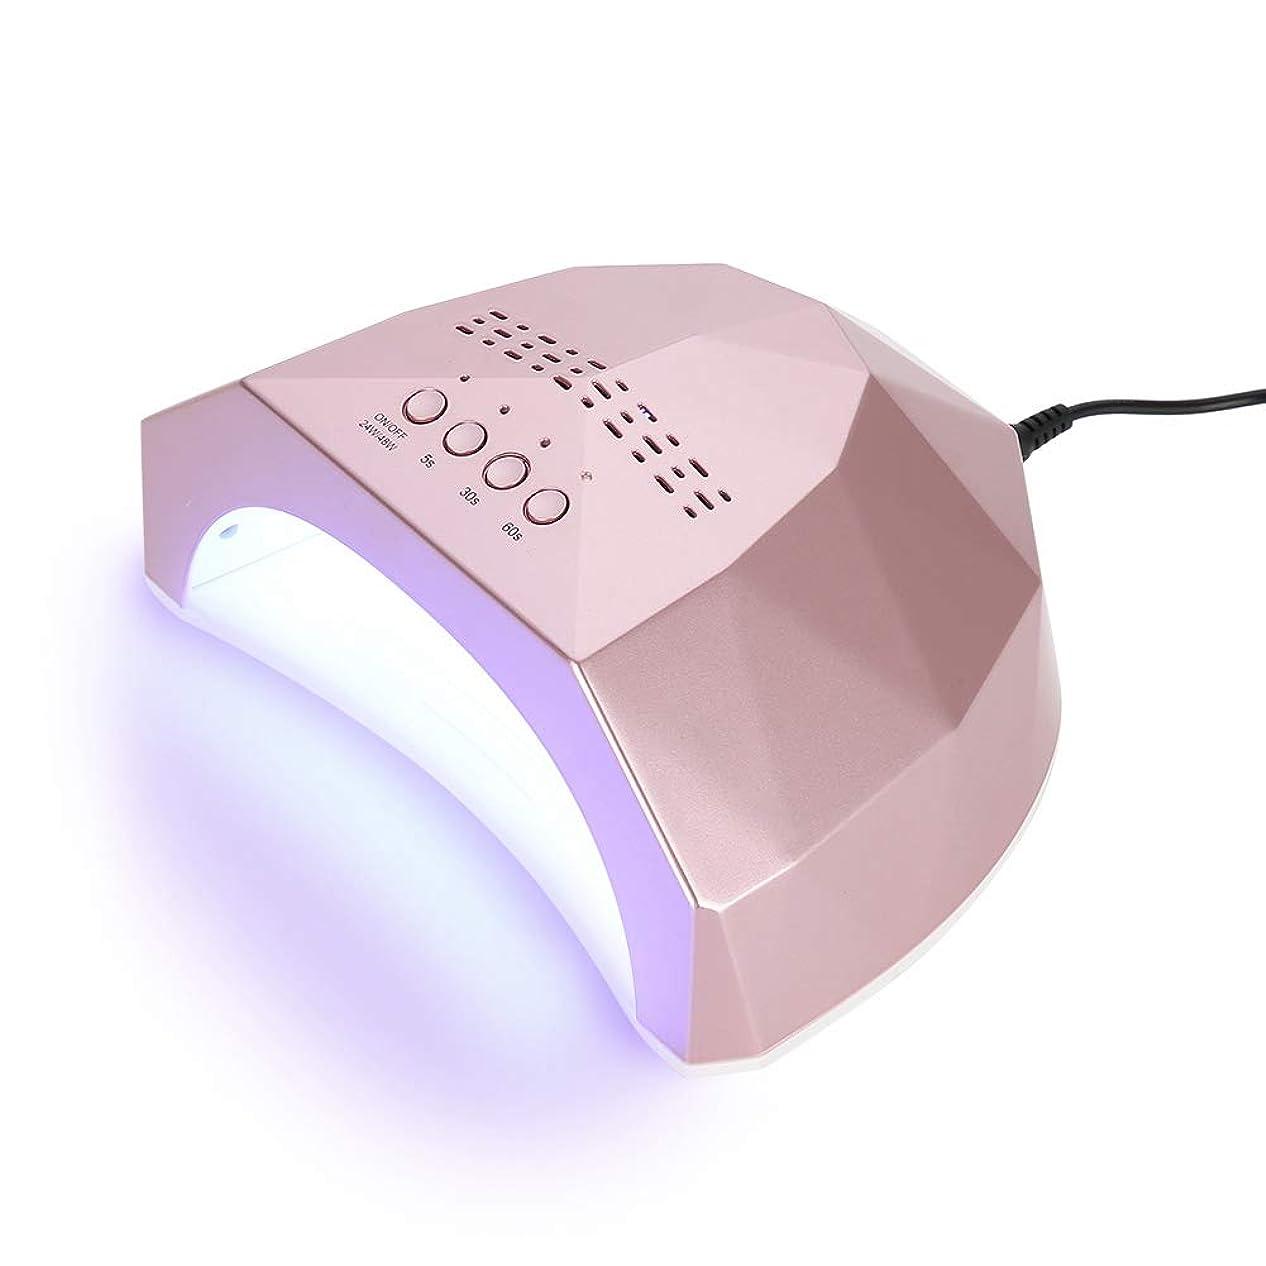 居住者ラオス人噛む48W ネイルアートLEDランプ ネイルドライヤー LED釘ランプのドライヤーラン 硬化マニキュア (Rose Gold)